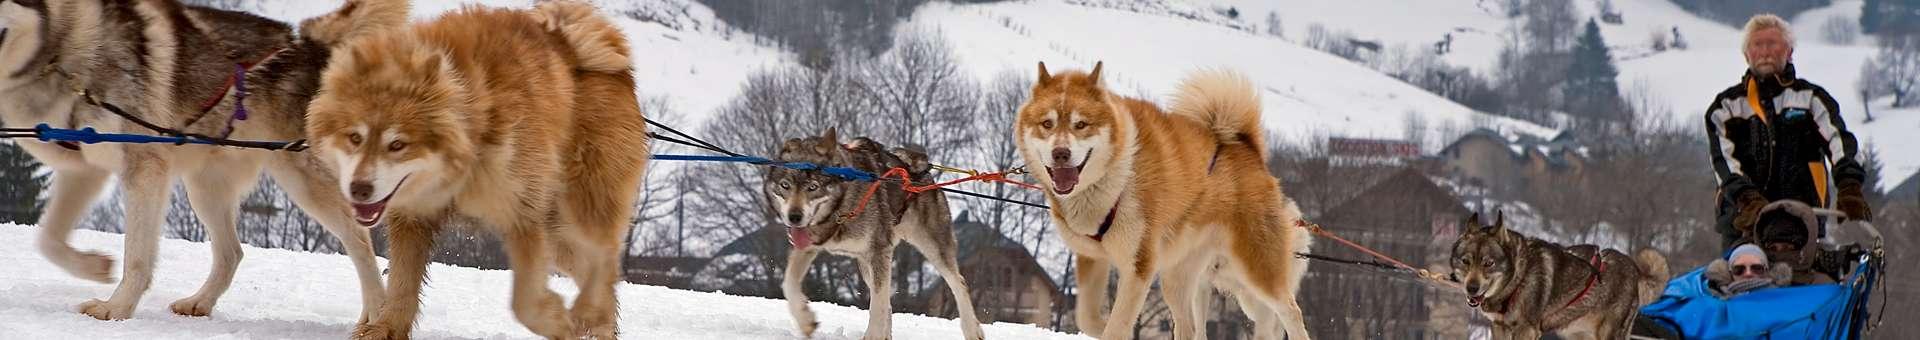 chiens-de-traineaux-937